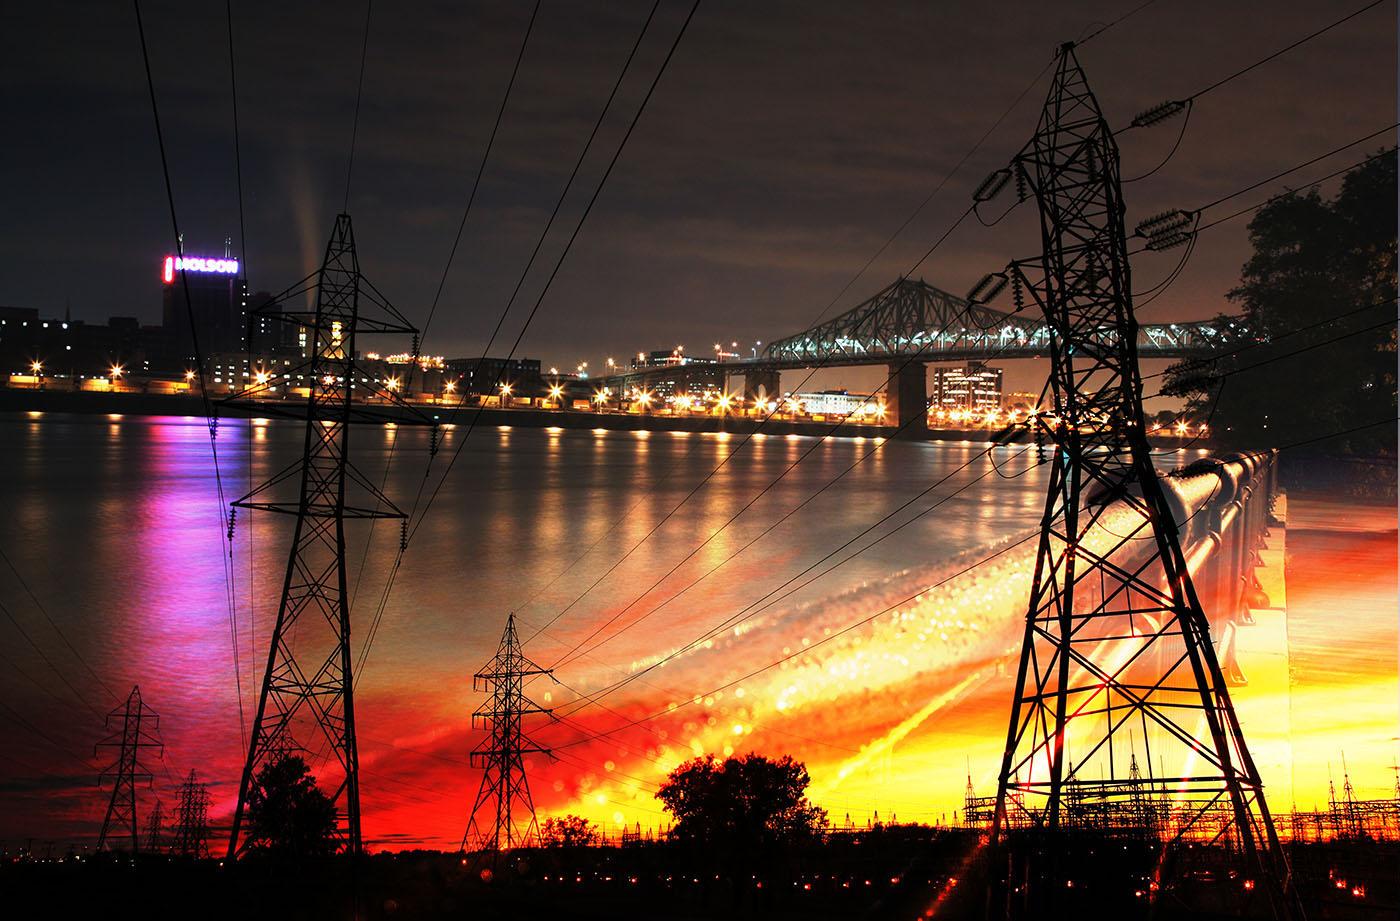 Urban Electrification - Stock Photo